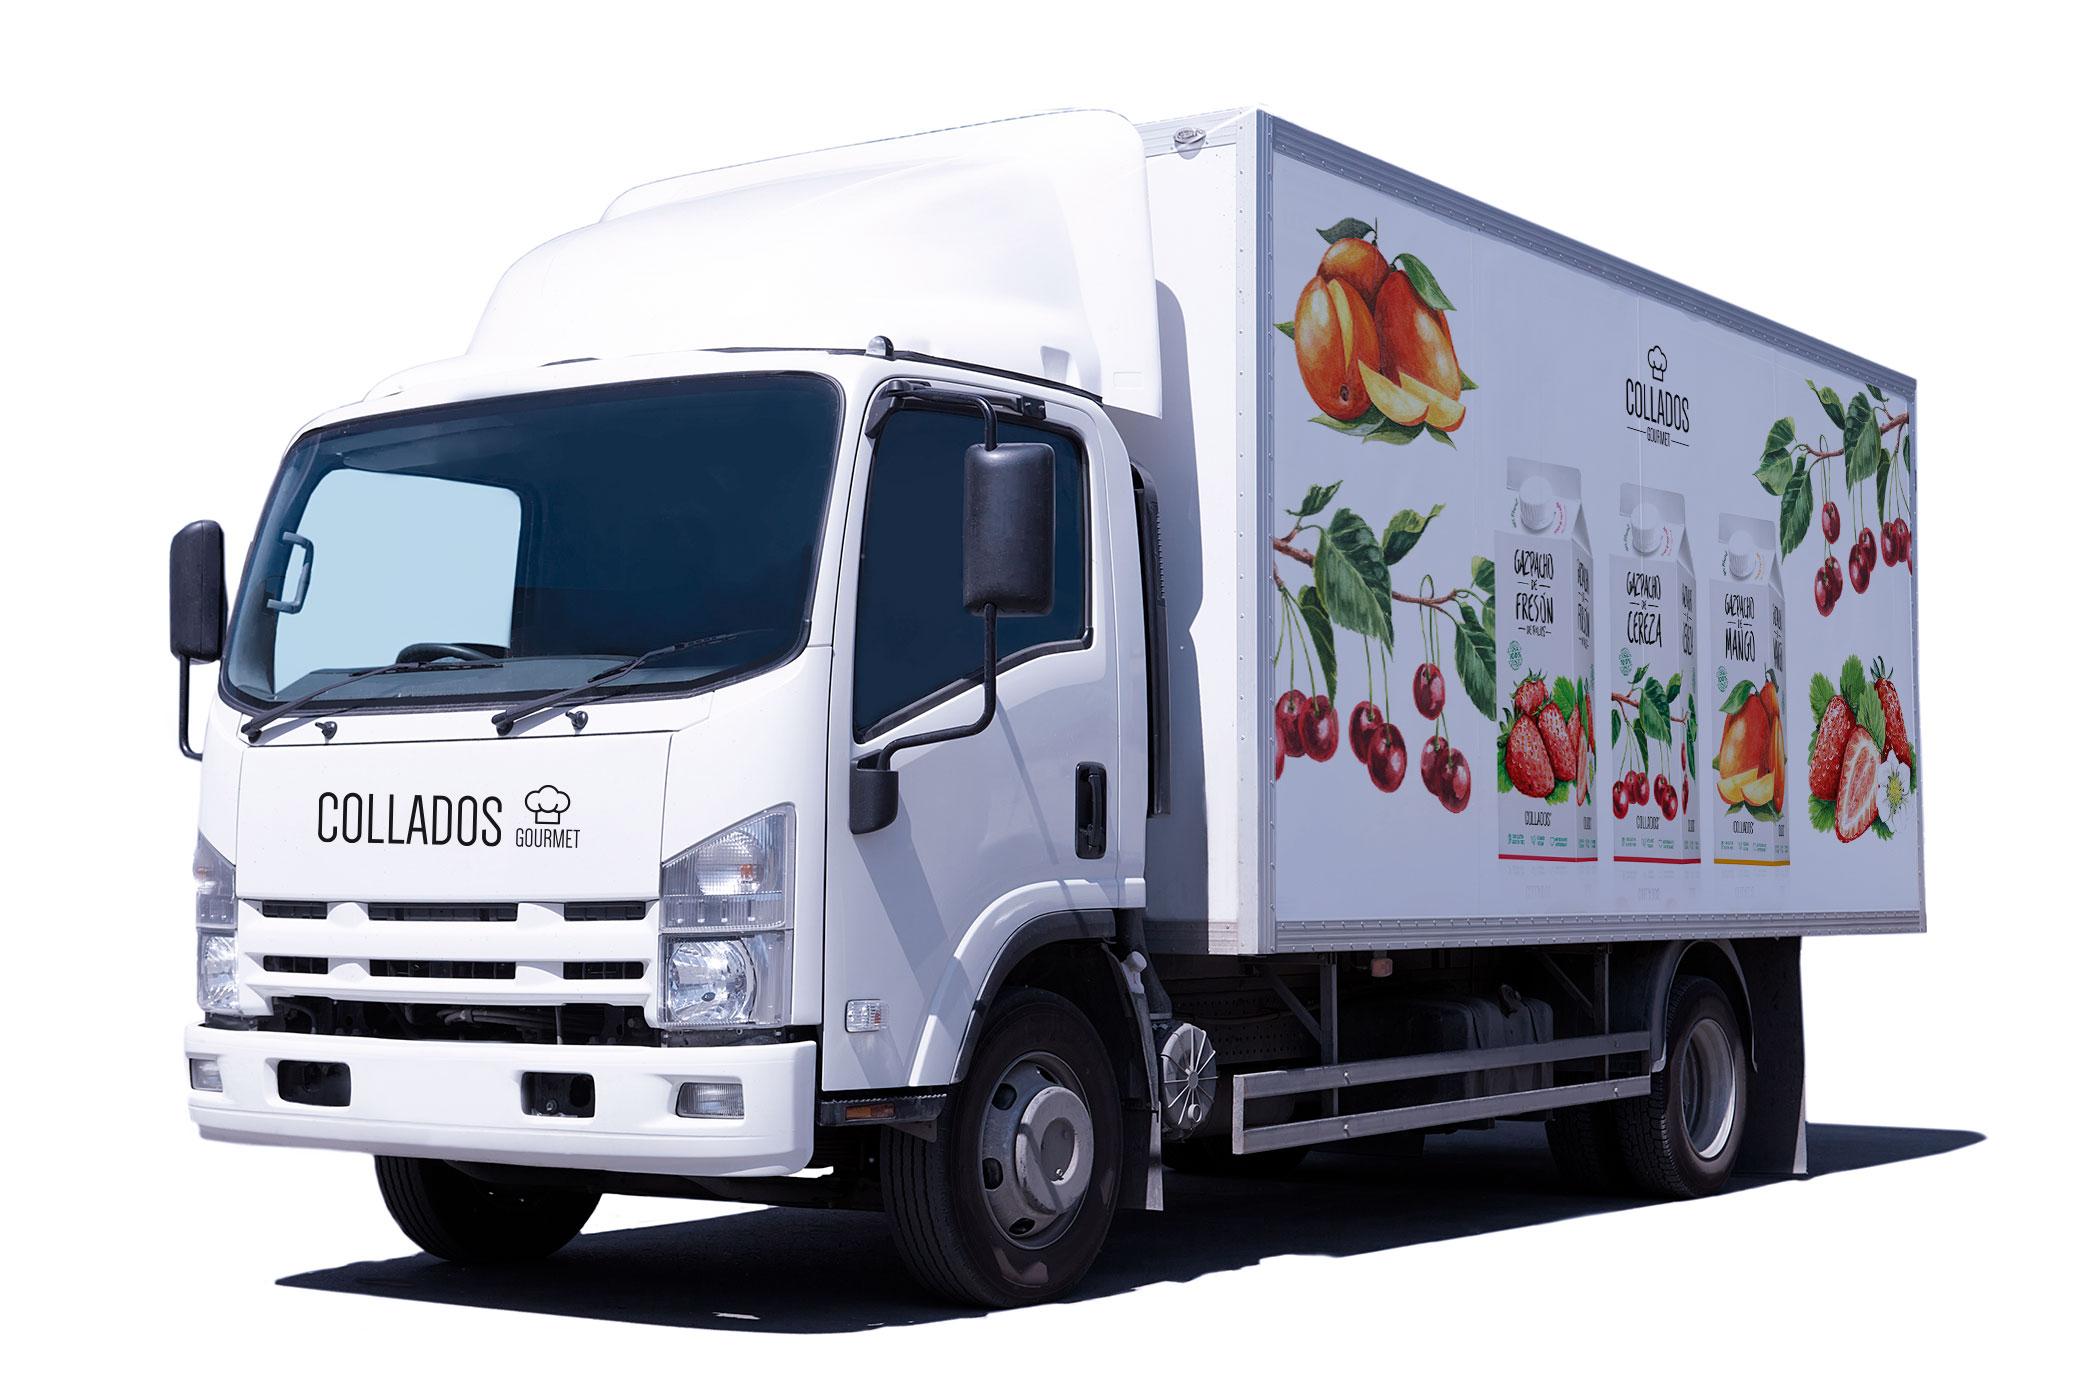 camion_collados